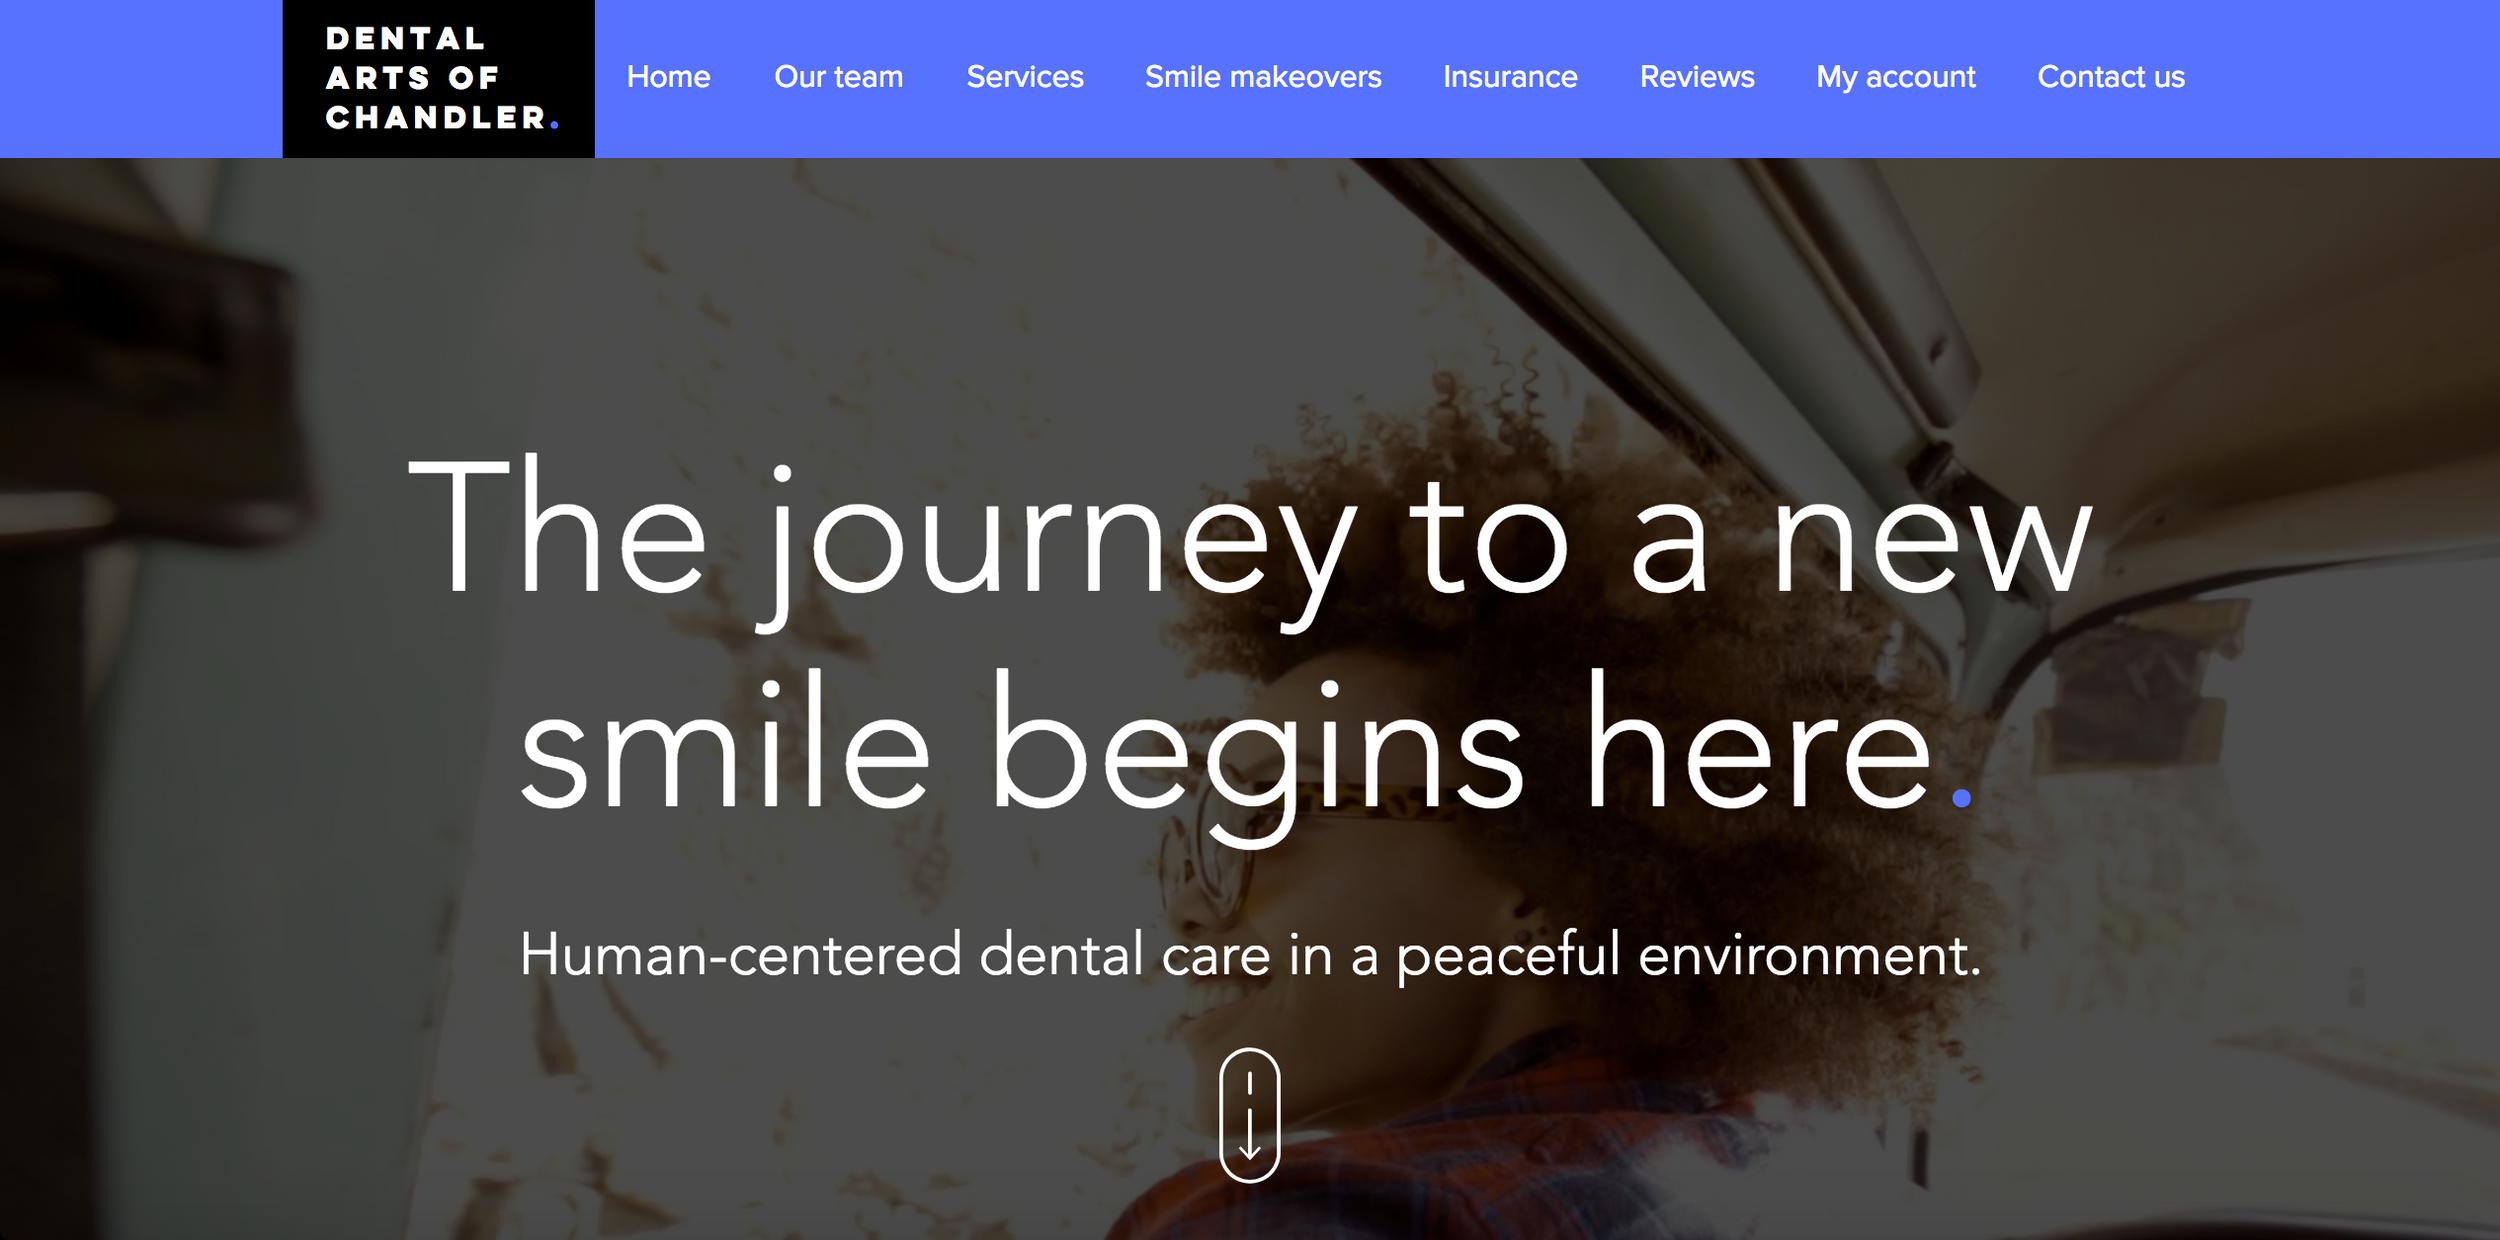 Dental Arts of Chandler